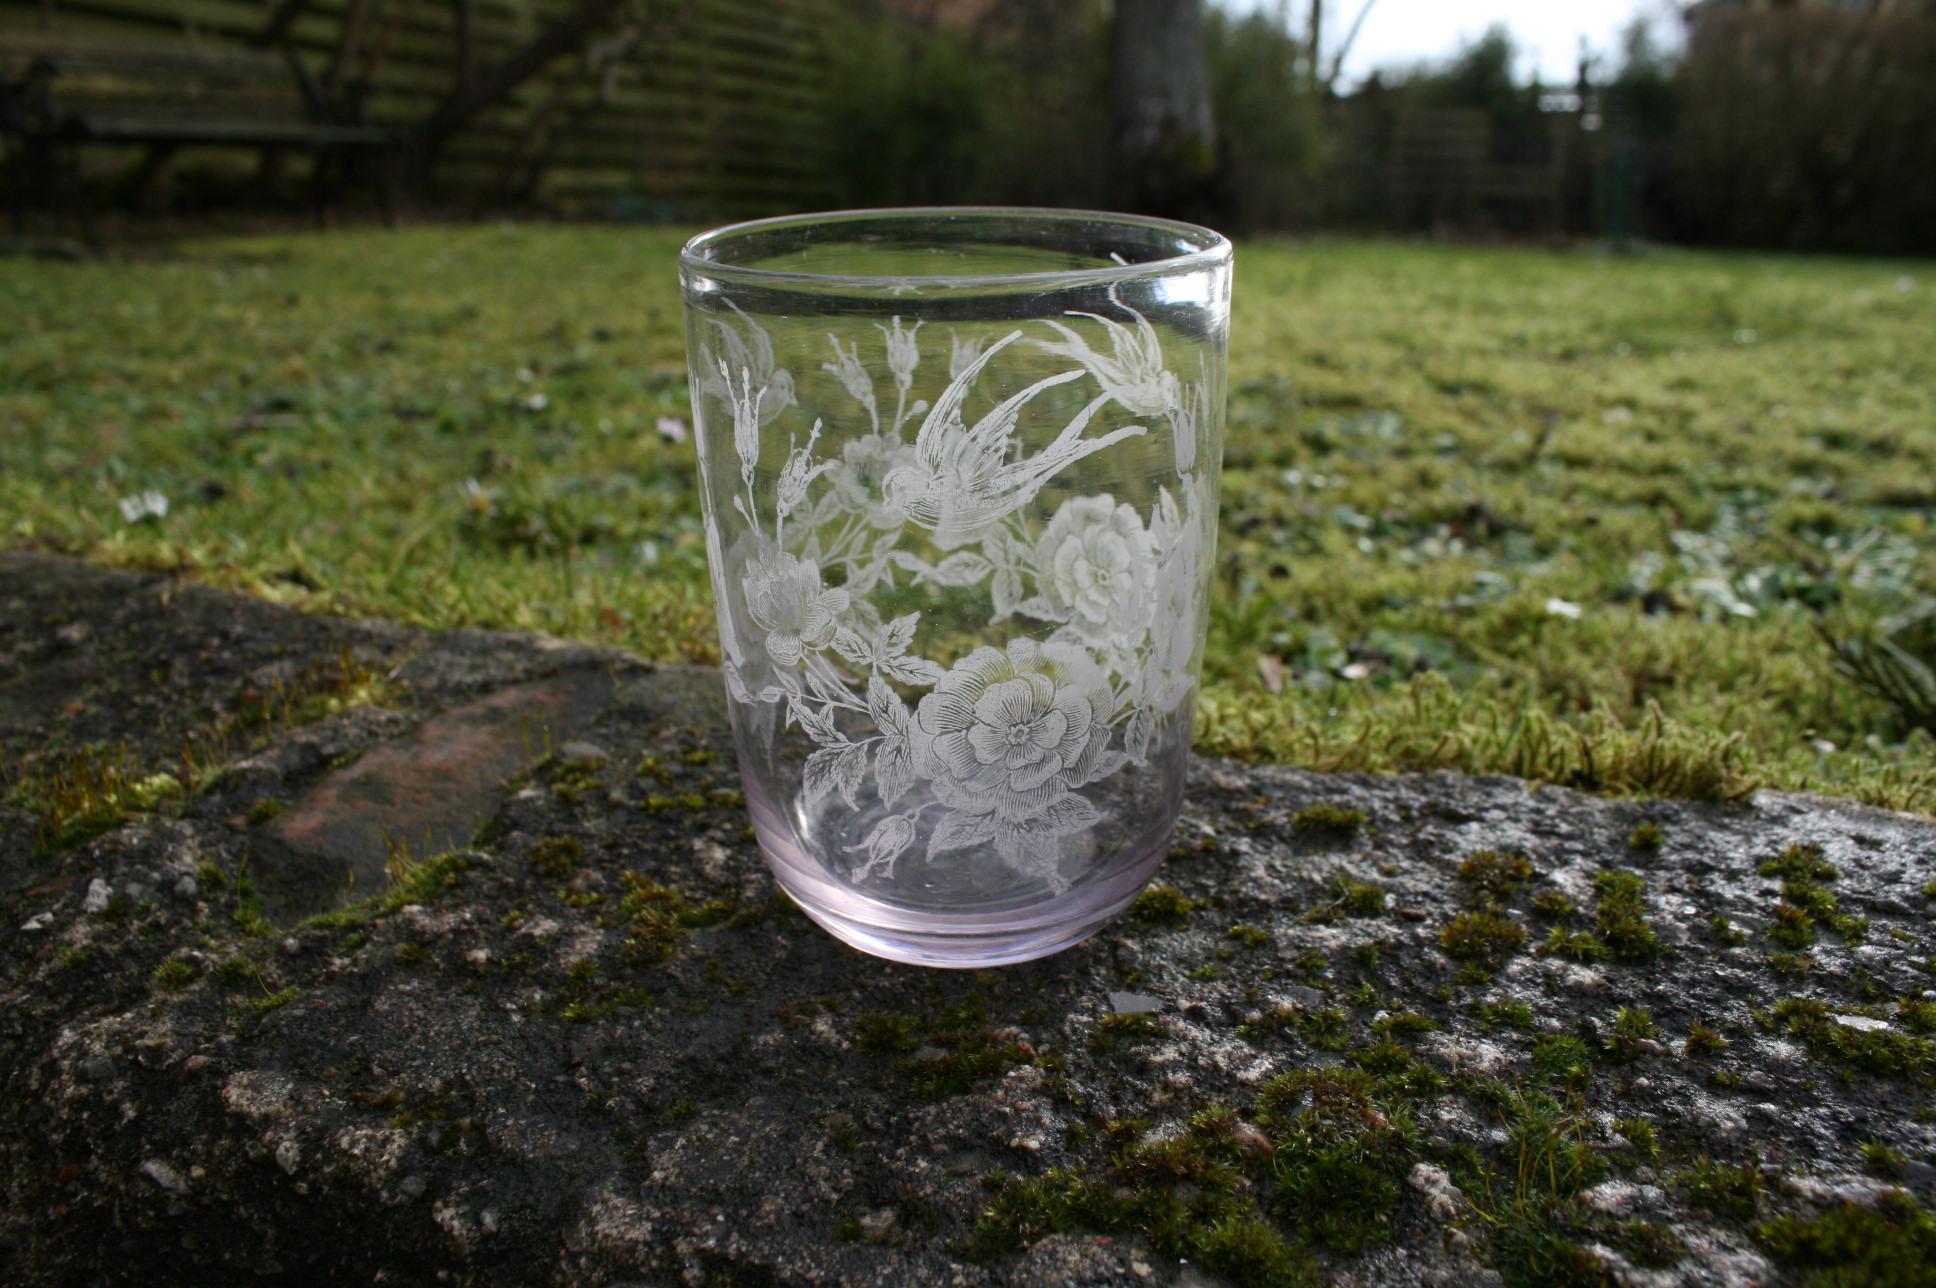 Fint antikt vandglas med ætsninger af roser og svale.